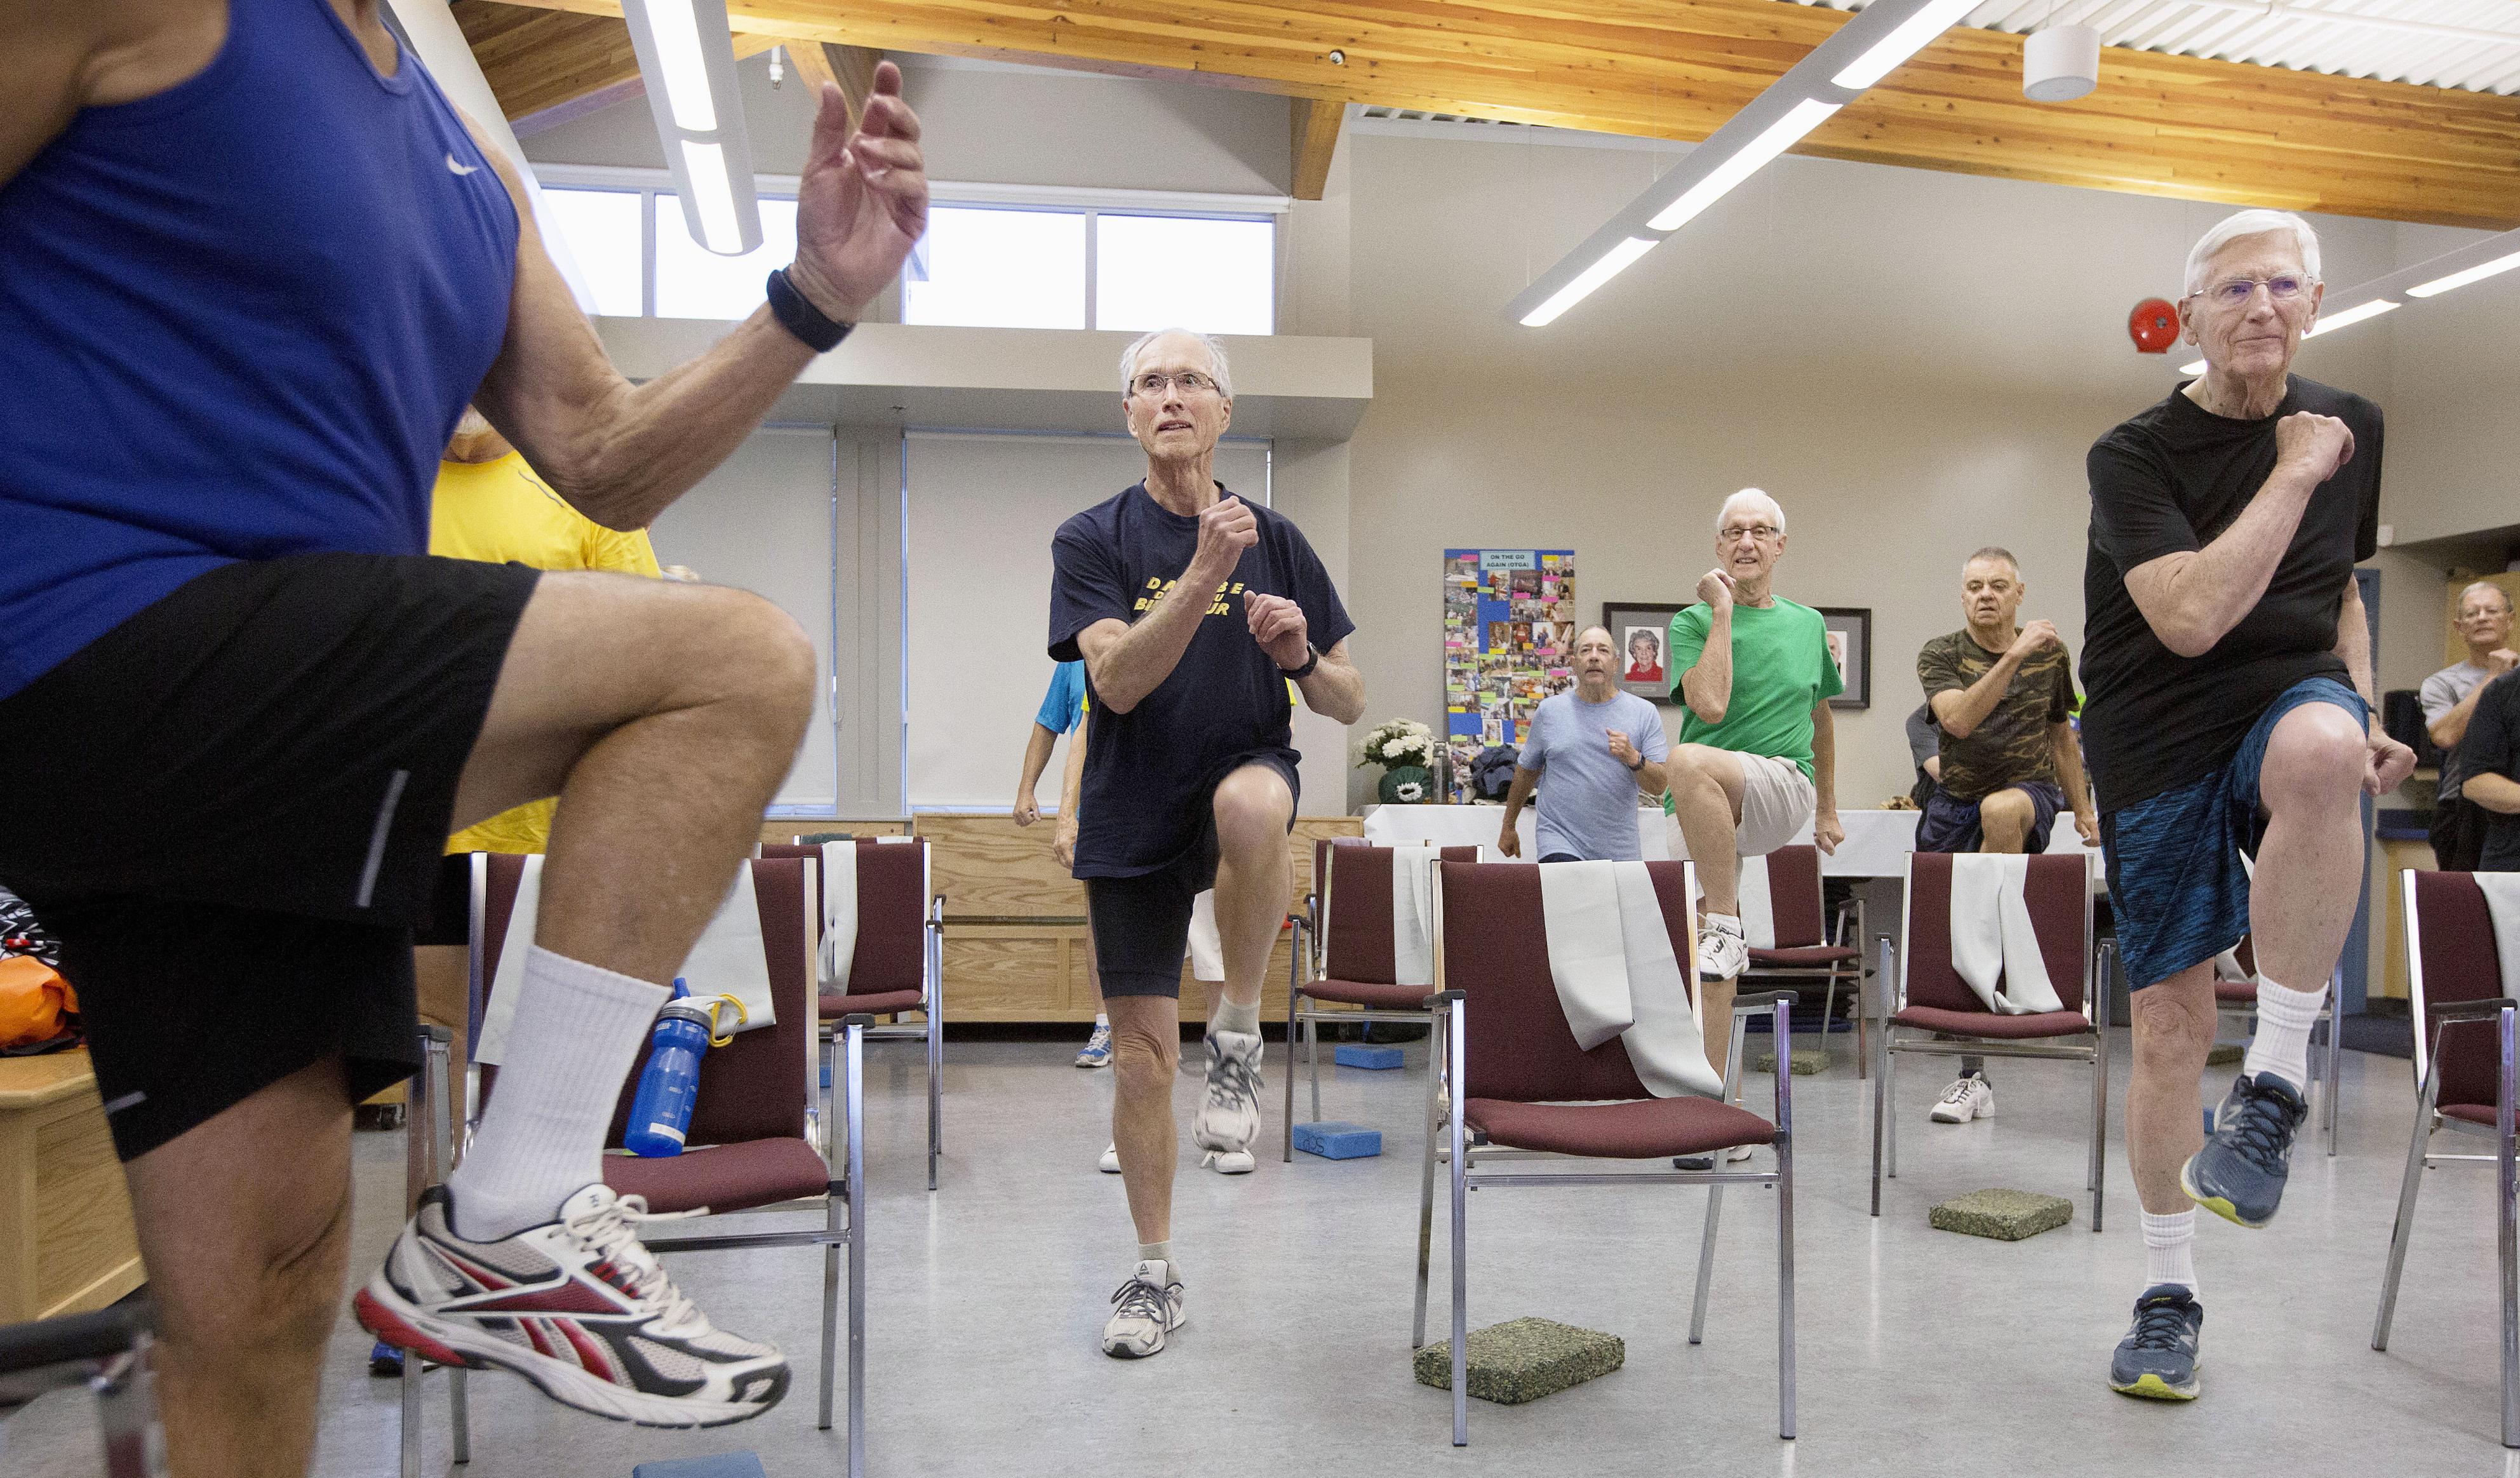 コルドバベイ55プラス協会の「男のフィットネス」。笑いを交えながらも真剣な運動に汗を流す=10月、カナダ・ブリティッシュコロンビア州サーニッチ(共同)